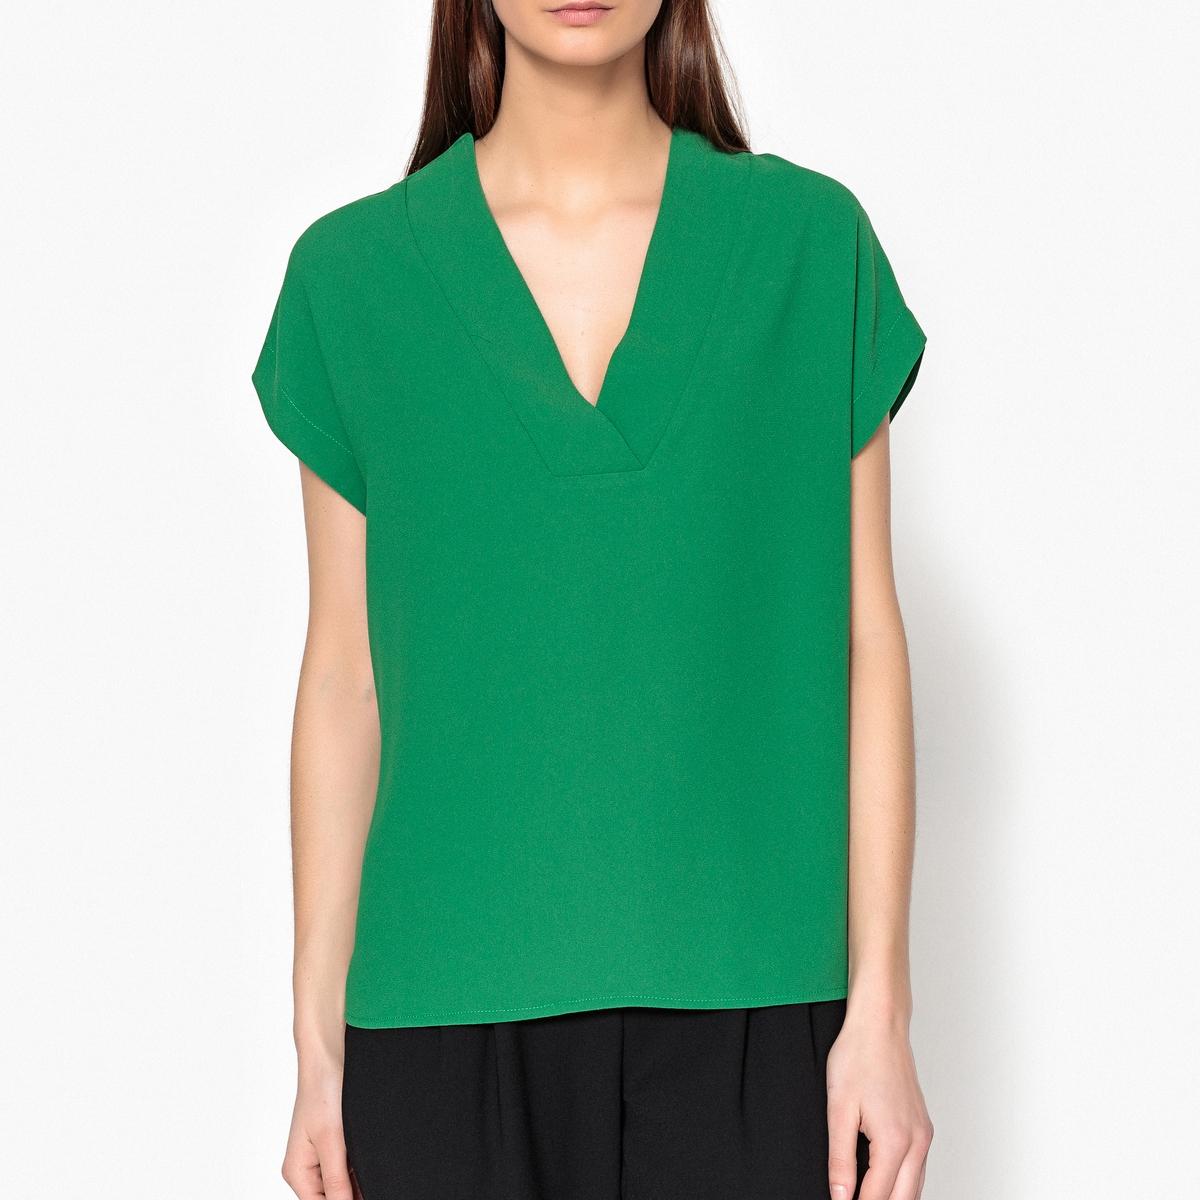 Блузка с короткими рукавами и перекрестным вырезом FABULOUS блузка кружевная с короткими рукавами